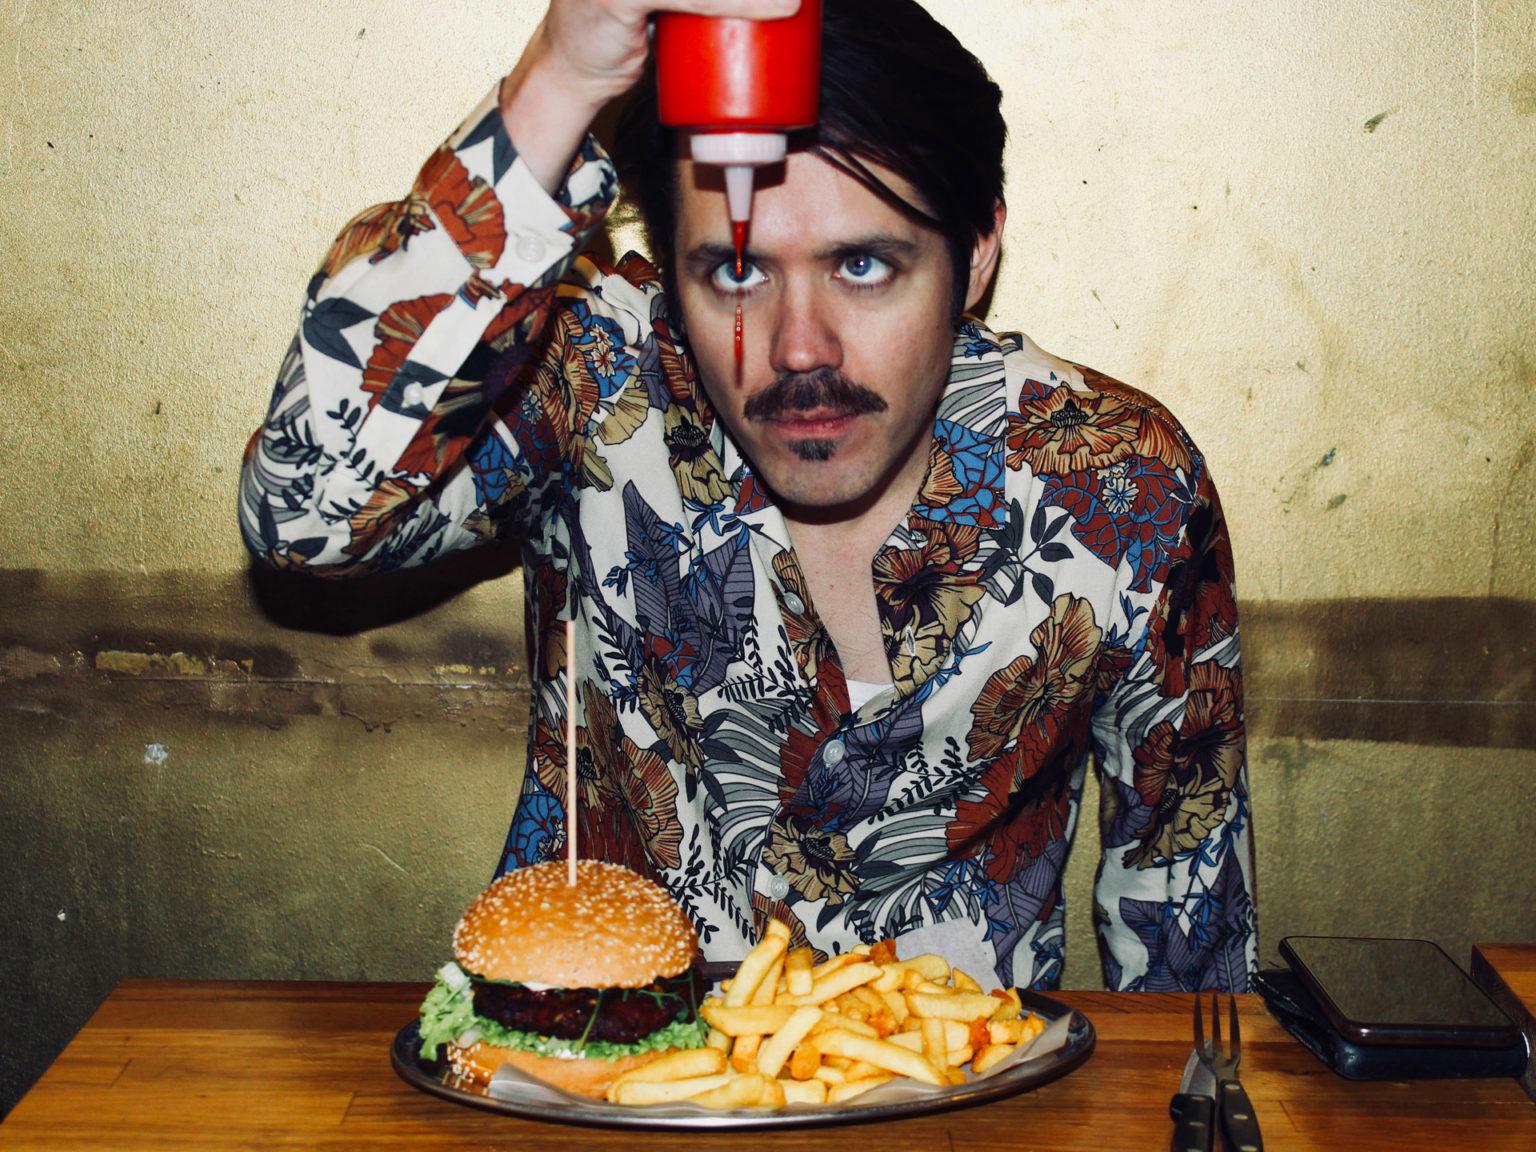 SCHWARZ - Ketchup - s'läuft! Radio-Promotion